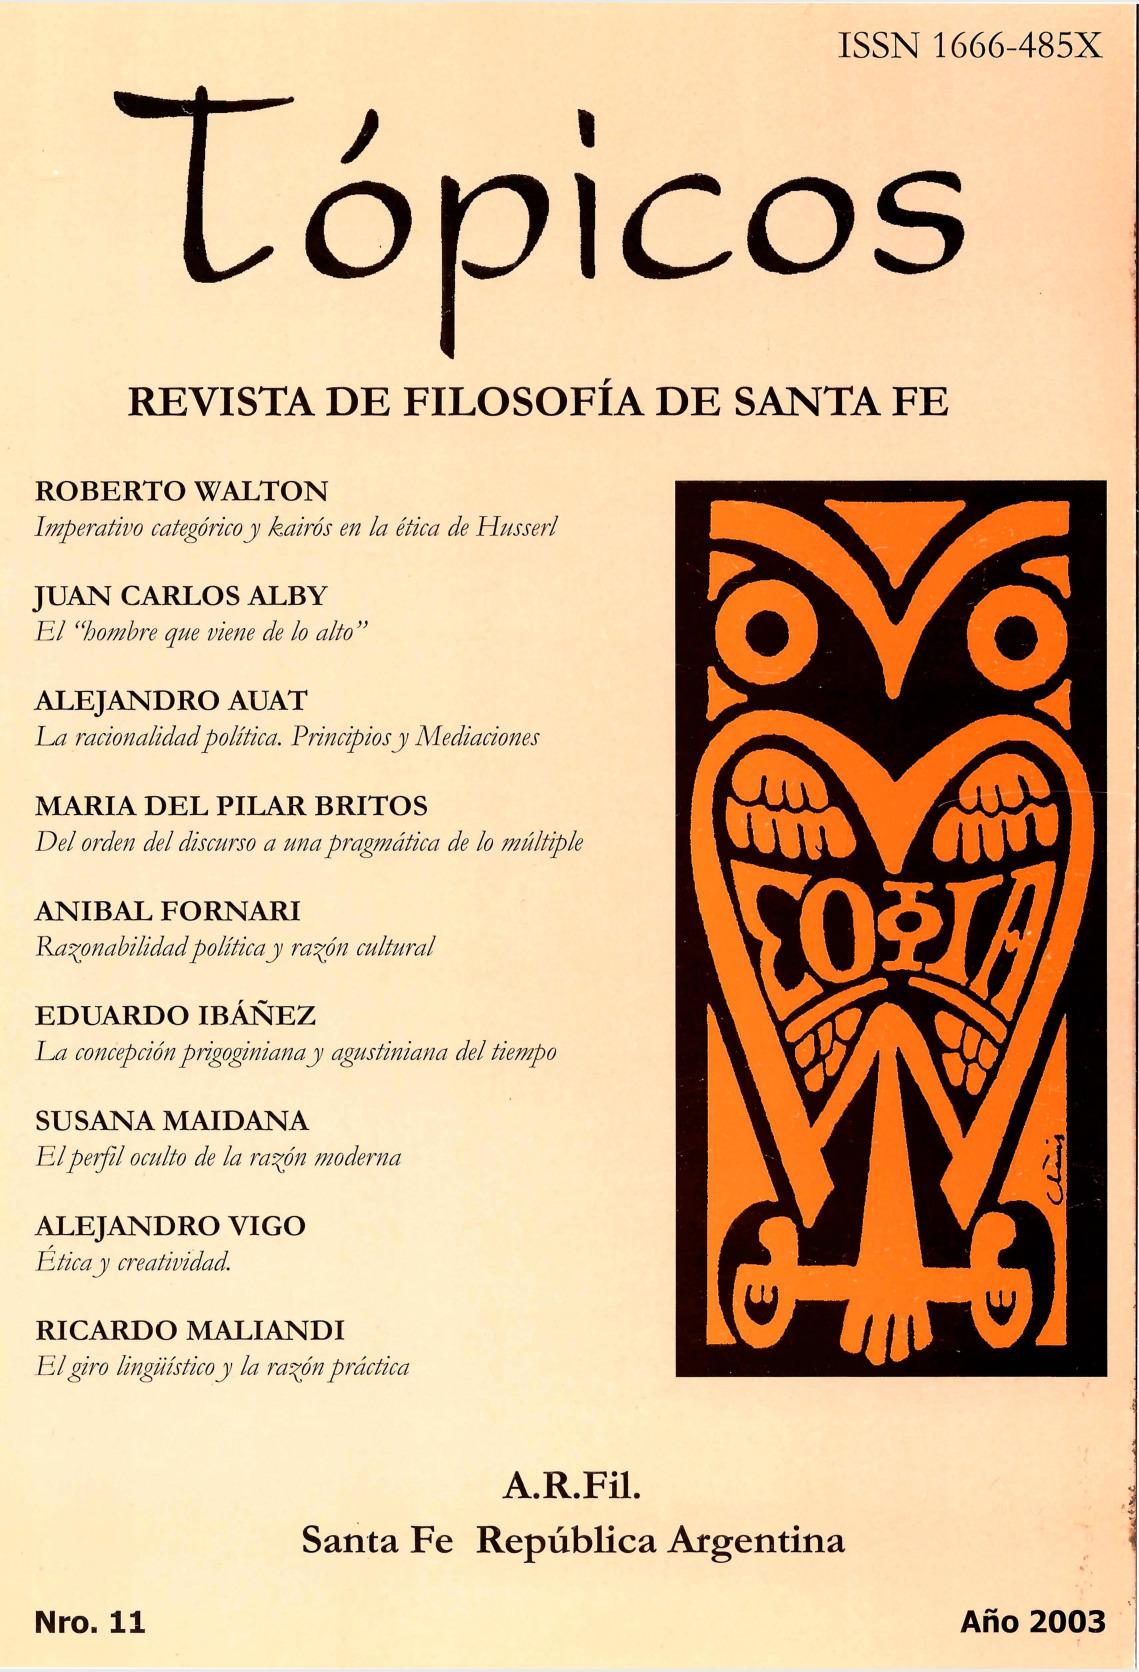 Imagen de tapa de Revista Tópicos Nº 11.